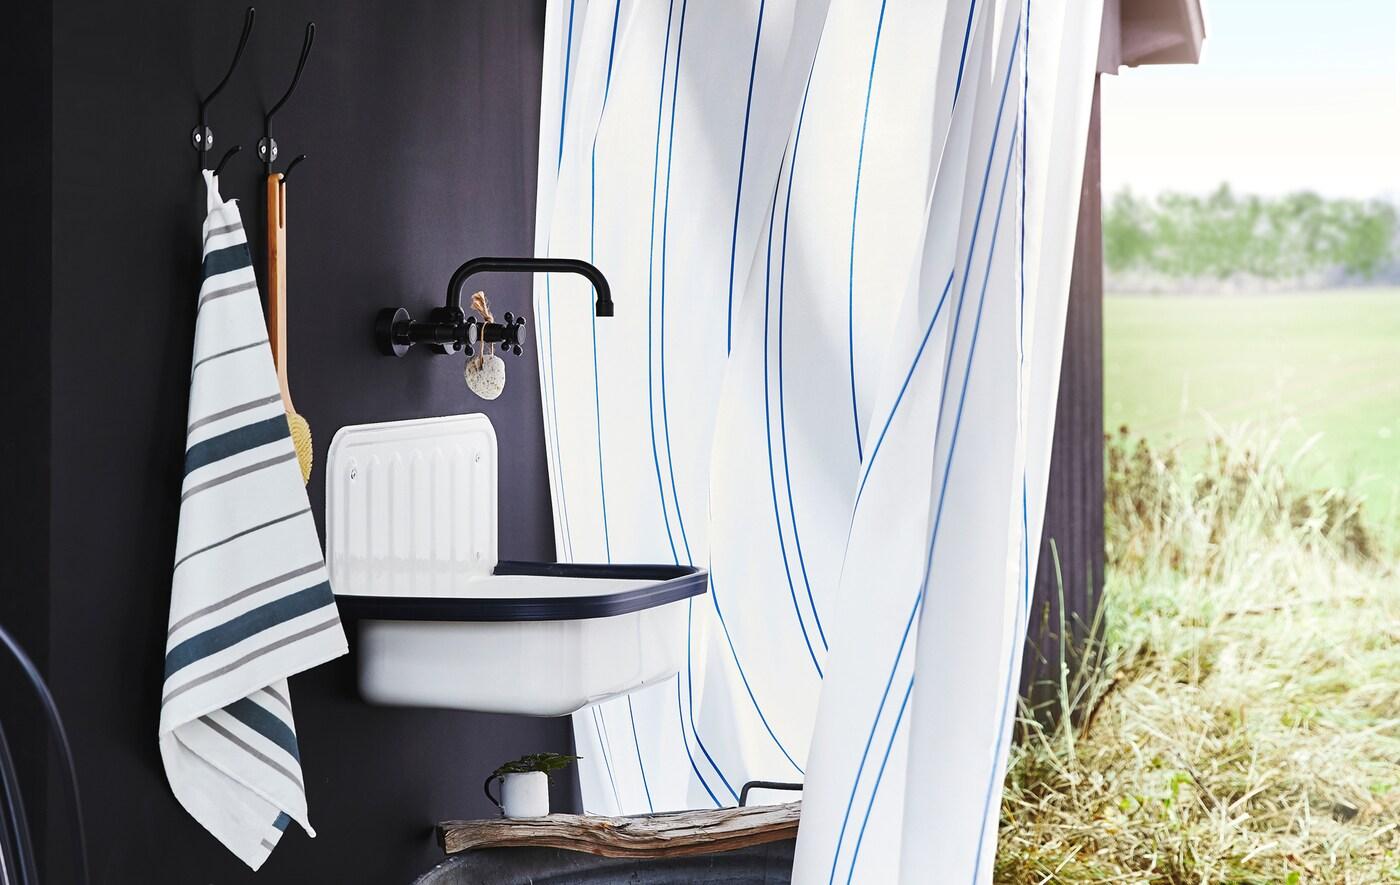 Ręcznik, haczyki, umywalka i bateria na czarnej ścianie, z polem za zasłoną prysznicową w paski.